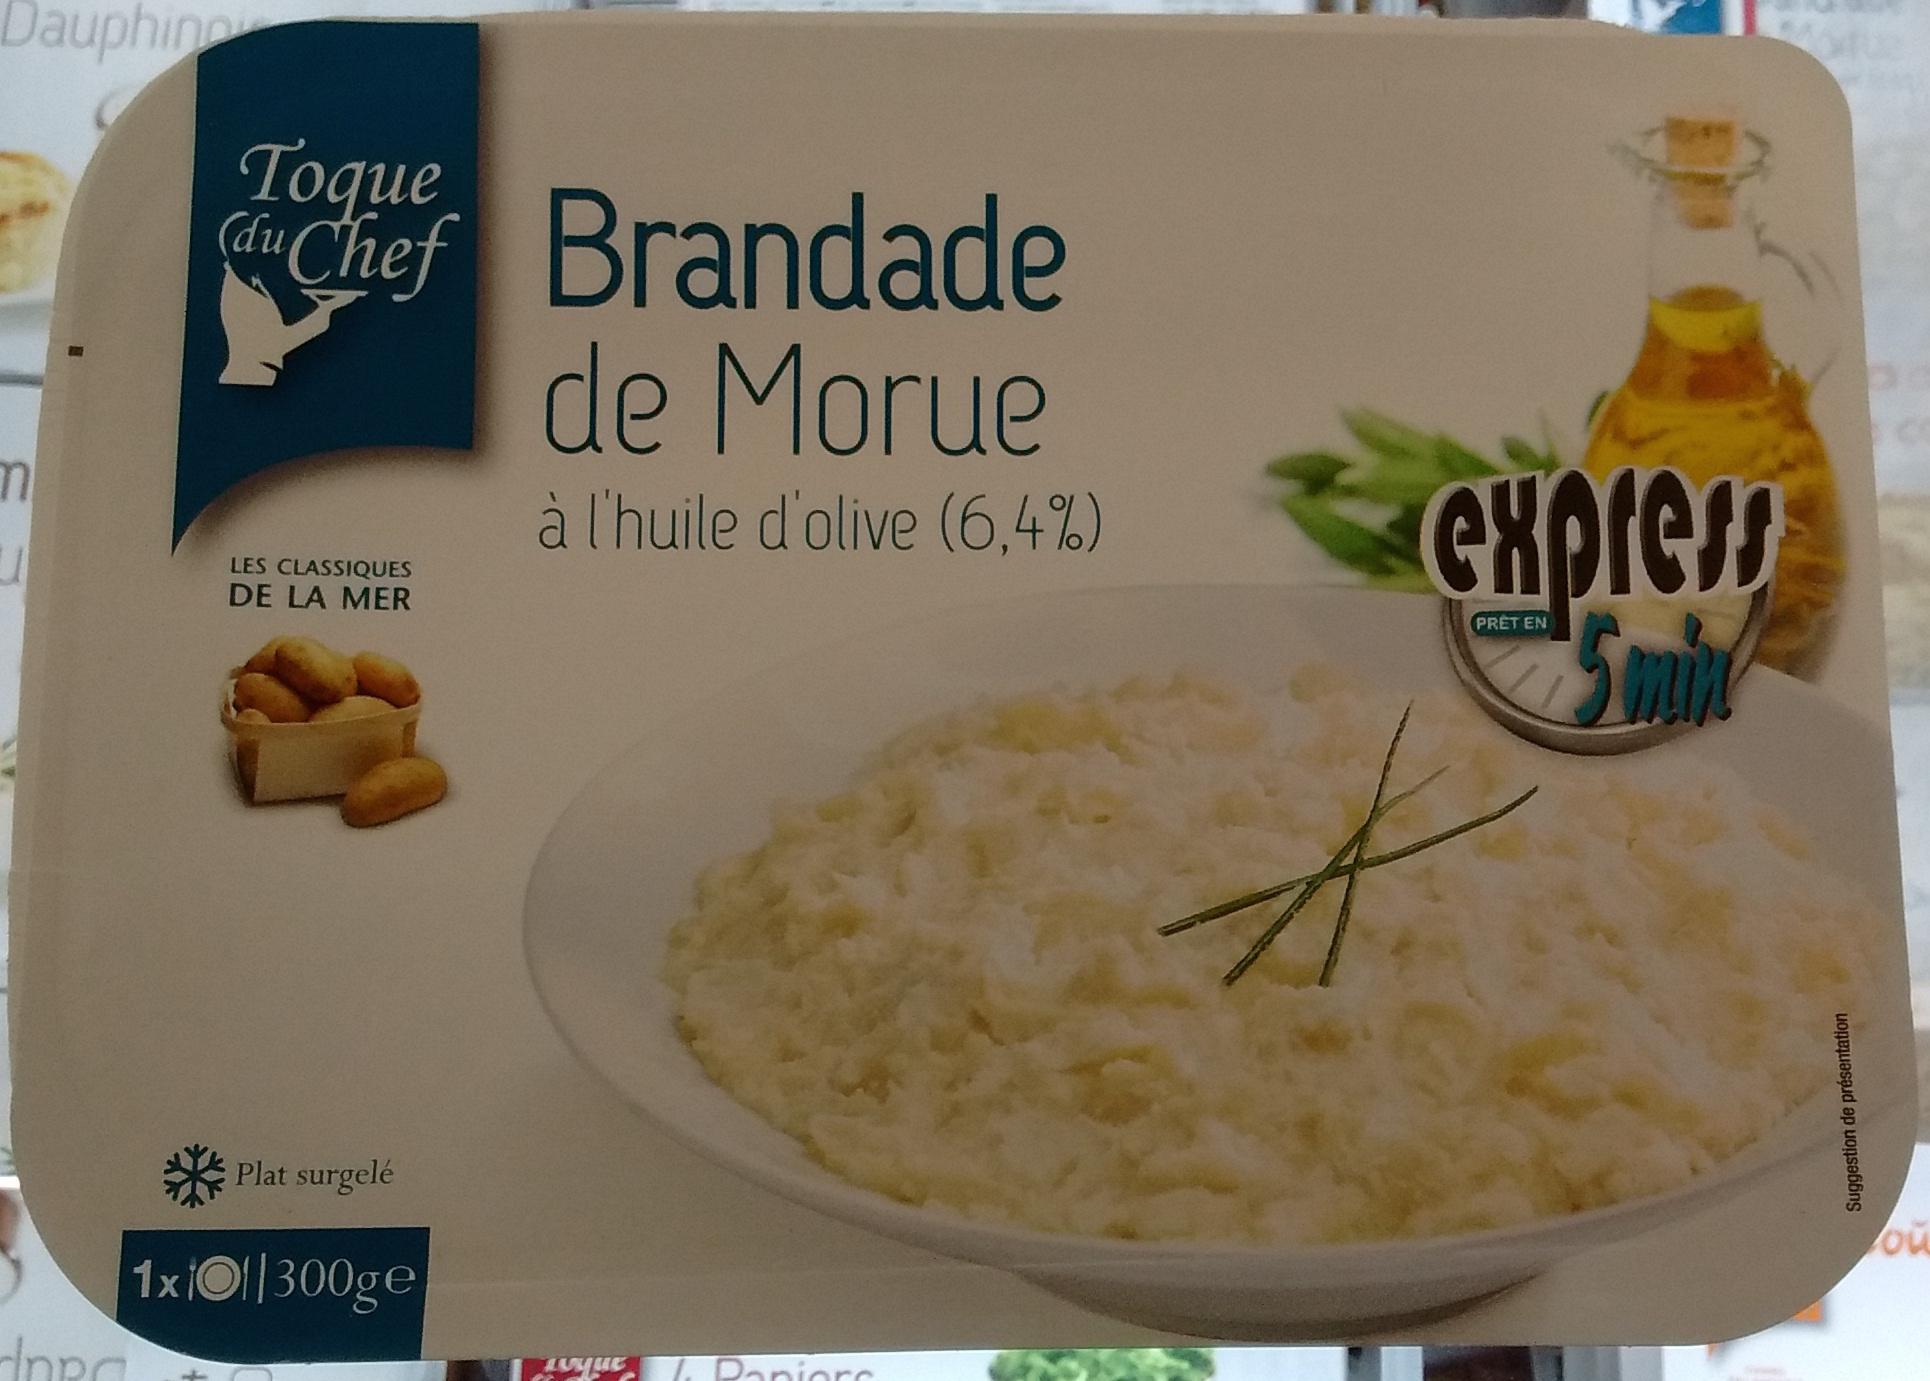 Brandade de Morue parmentière à l'huile d'olive (6,4%) express - Produit - fr